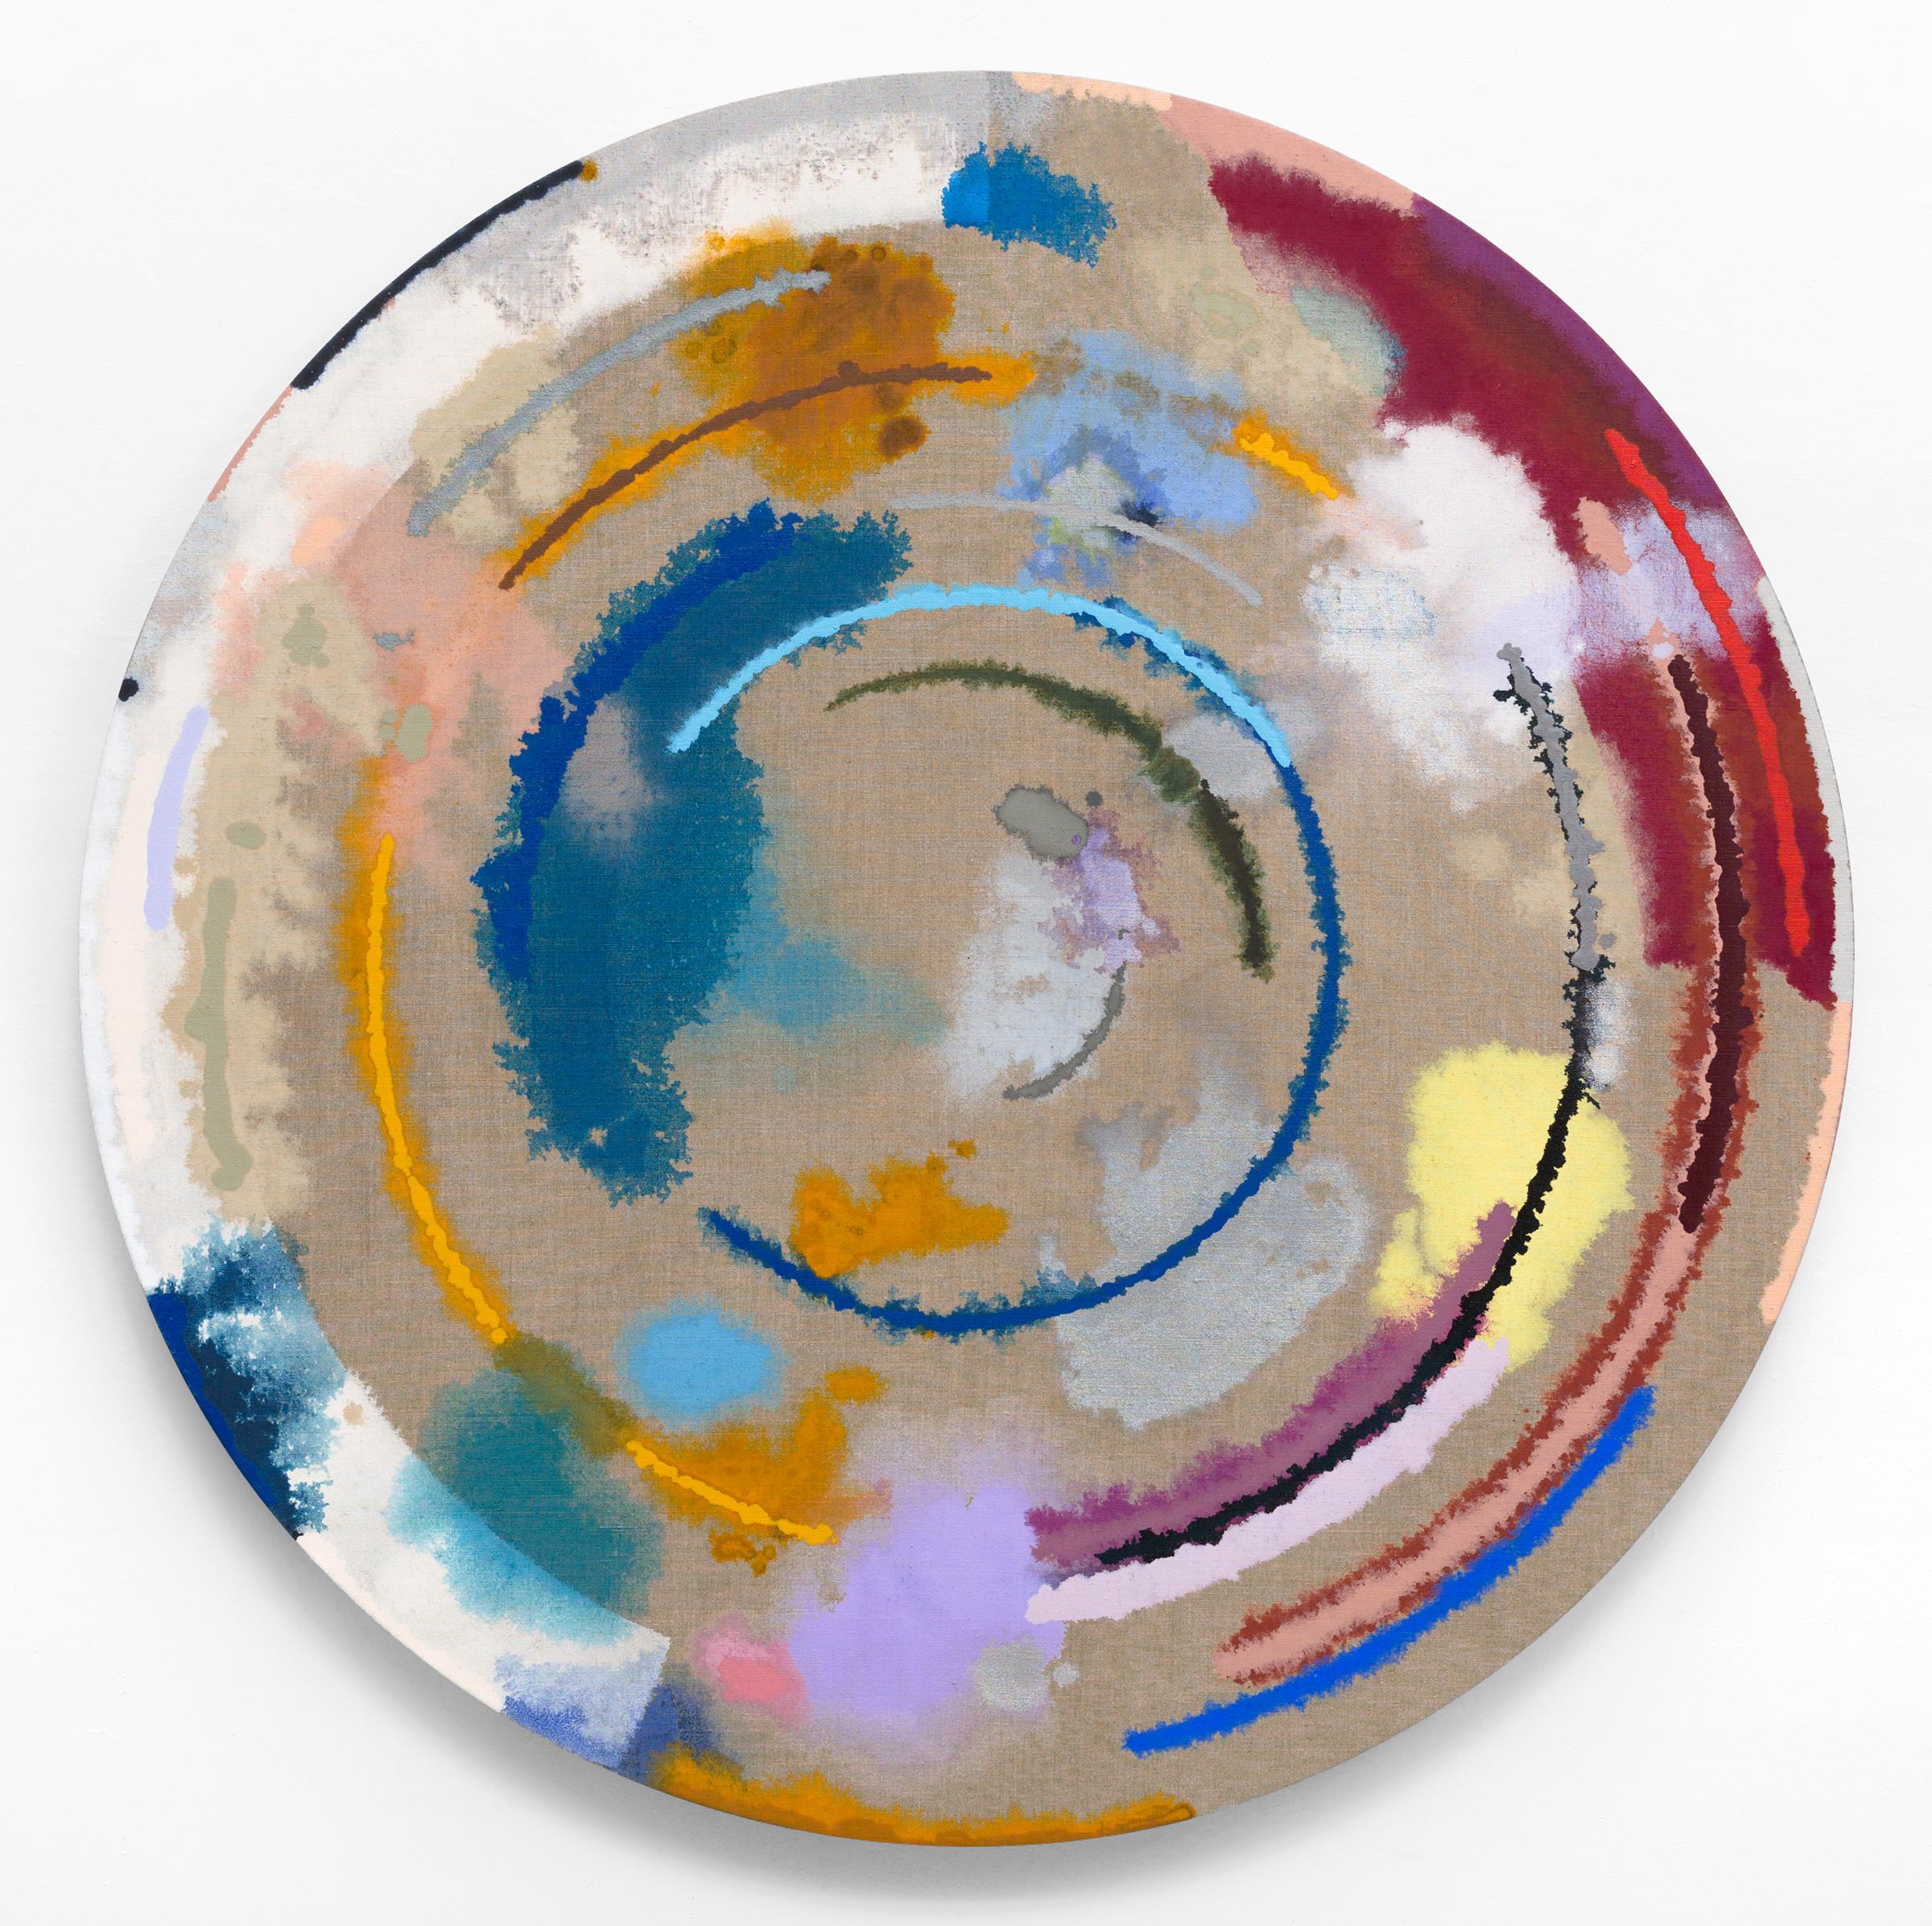 """PAMELA JORDEN Untitled , 2016 Oil on linen, 48"""" diameter"""